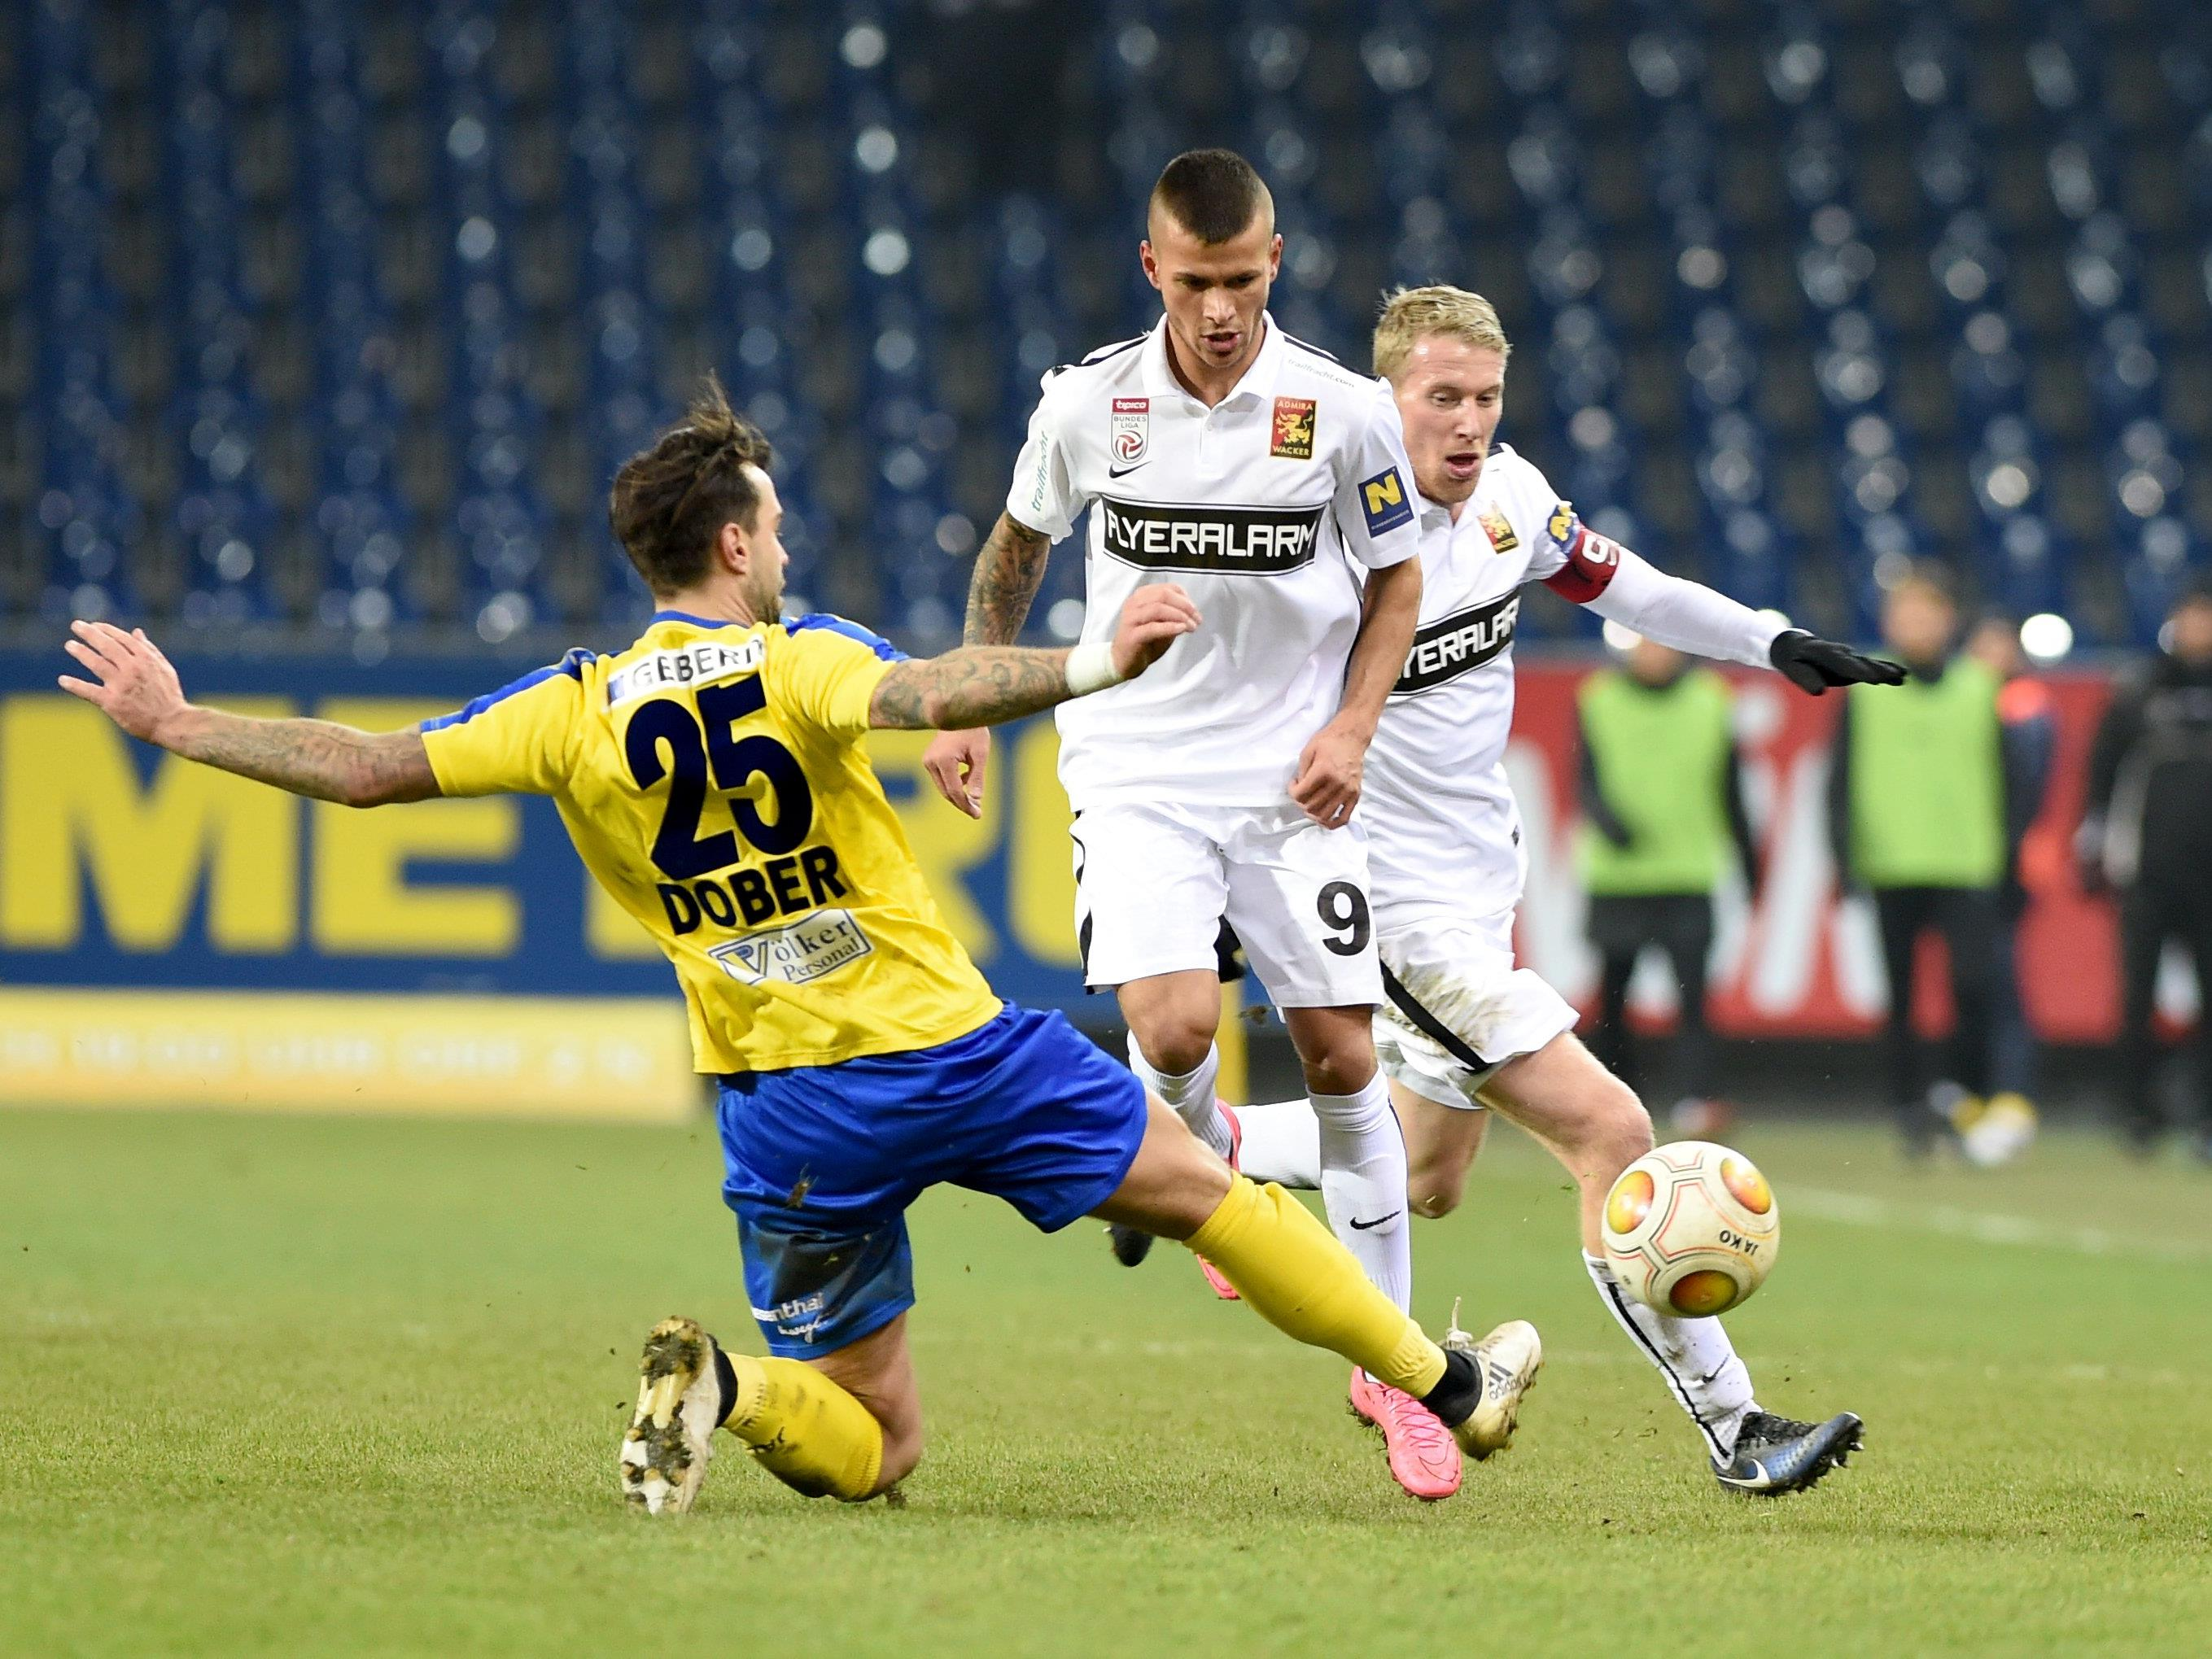 LIVE-Ticker zum Spiel FC Admira Wacker gegen SKN St. Pölten ab 18.30 Uhr.